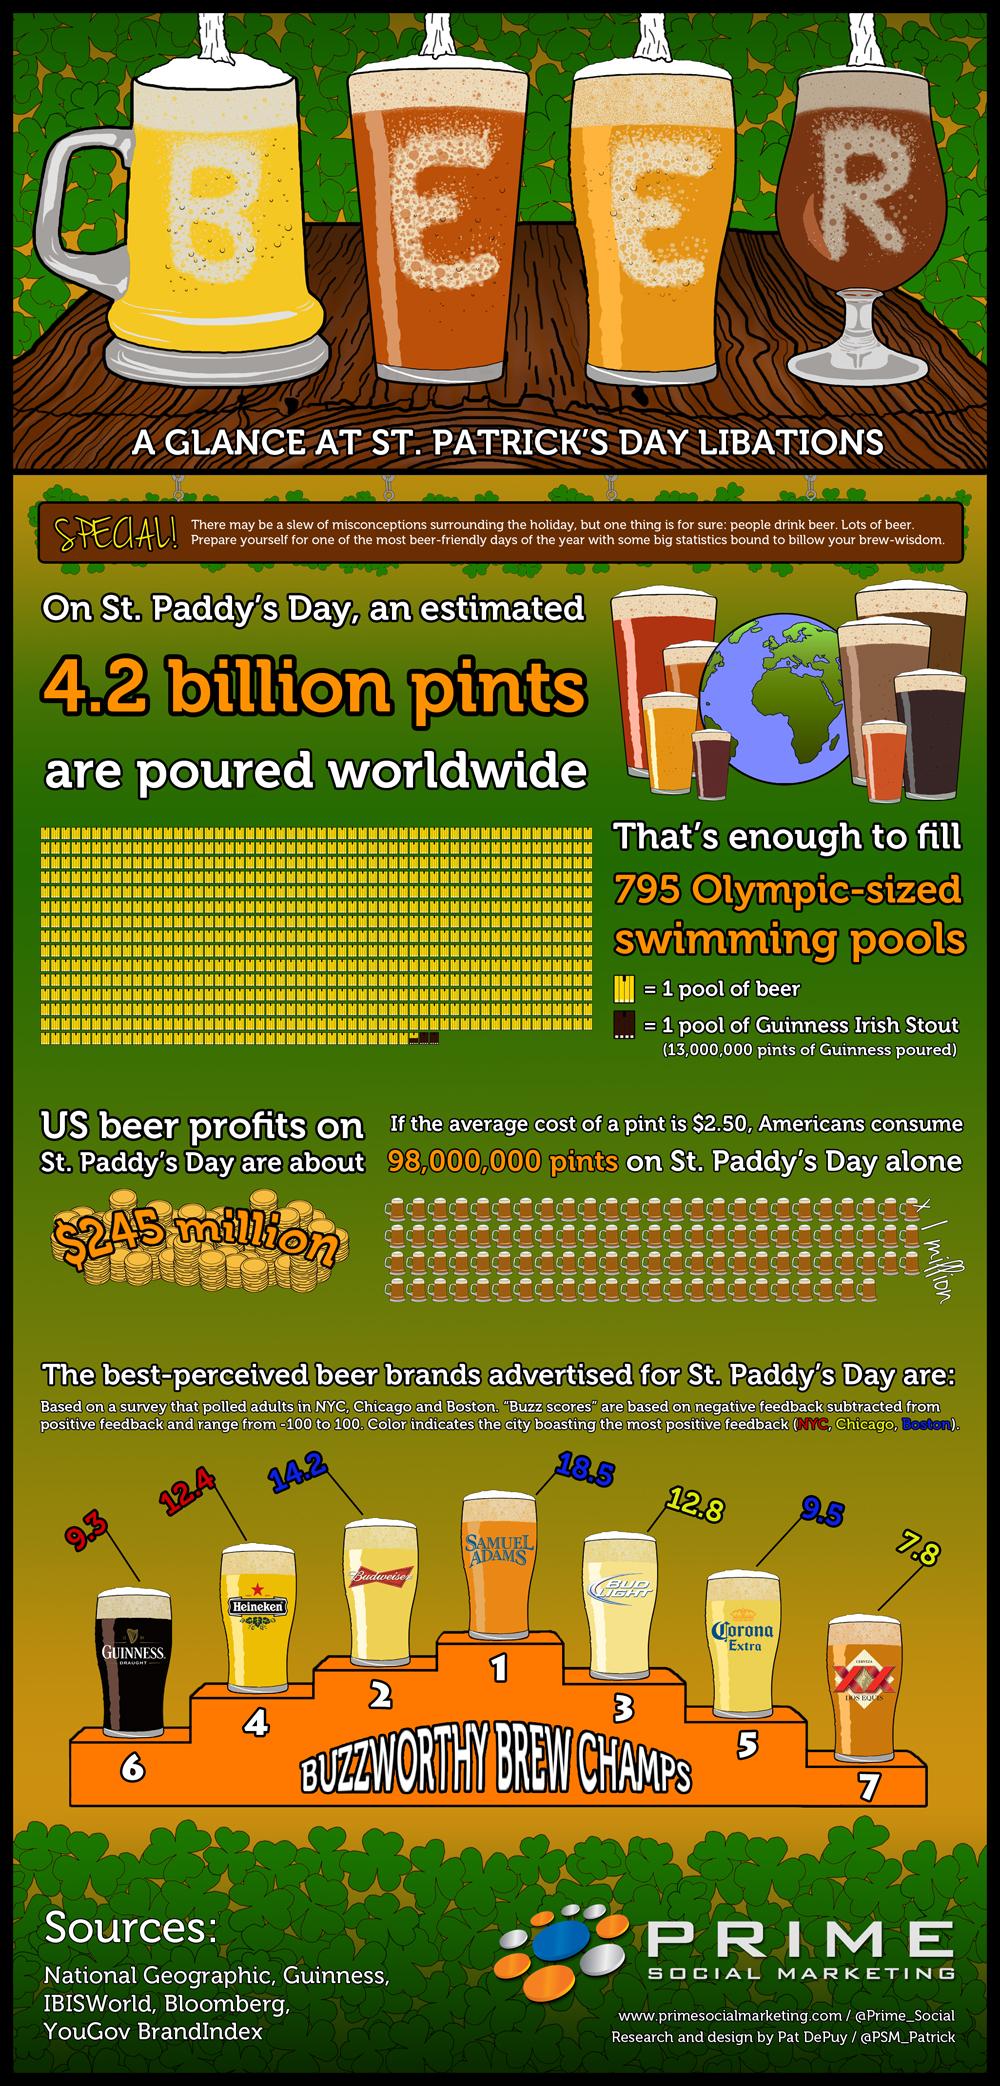 beer-a-glance-at-st-patricks-day-libations_110914